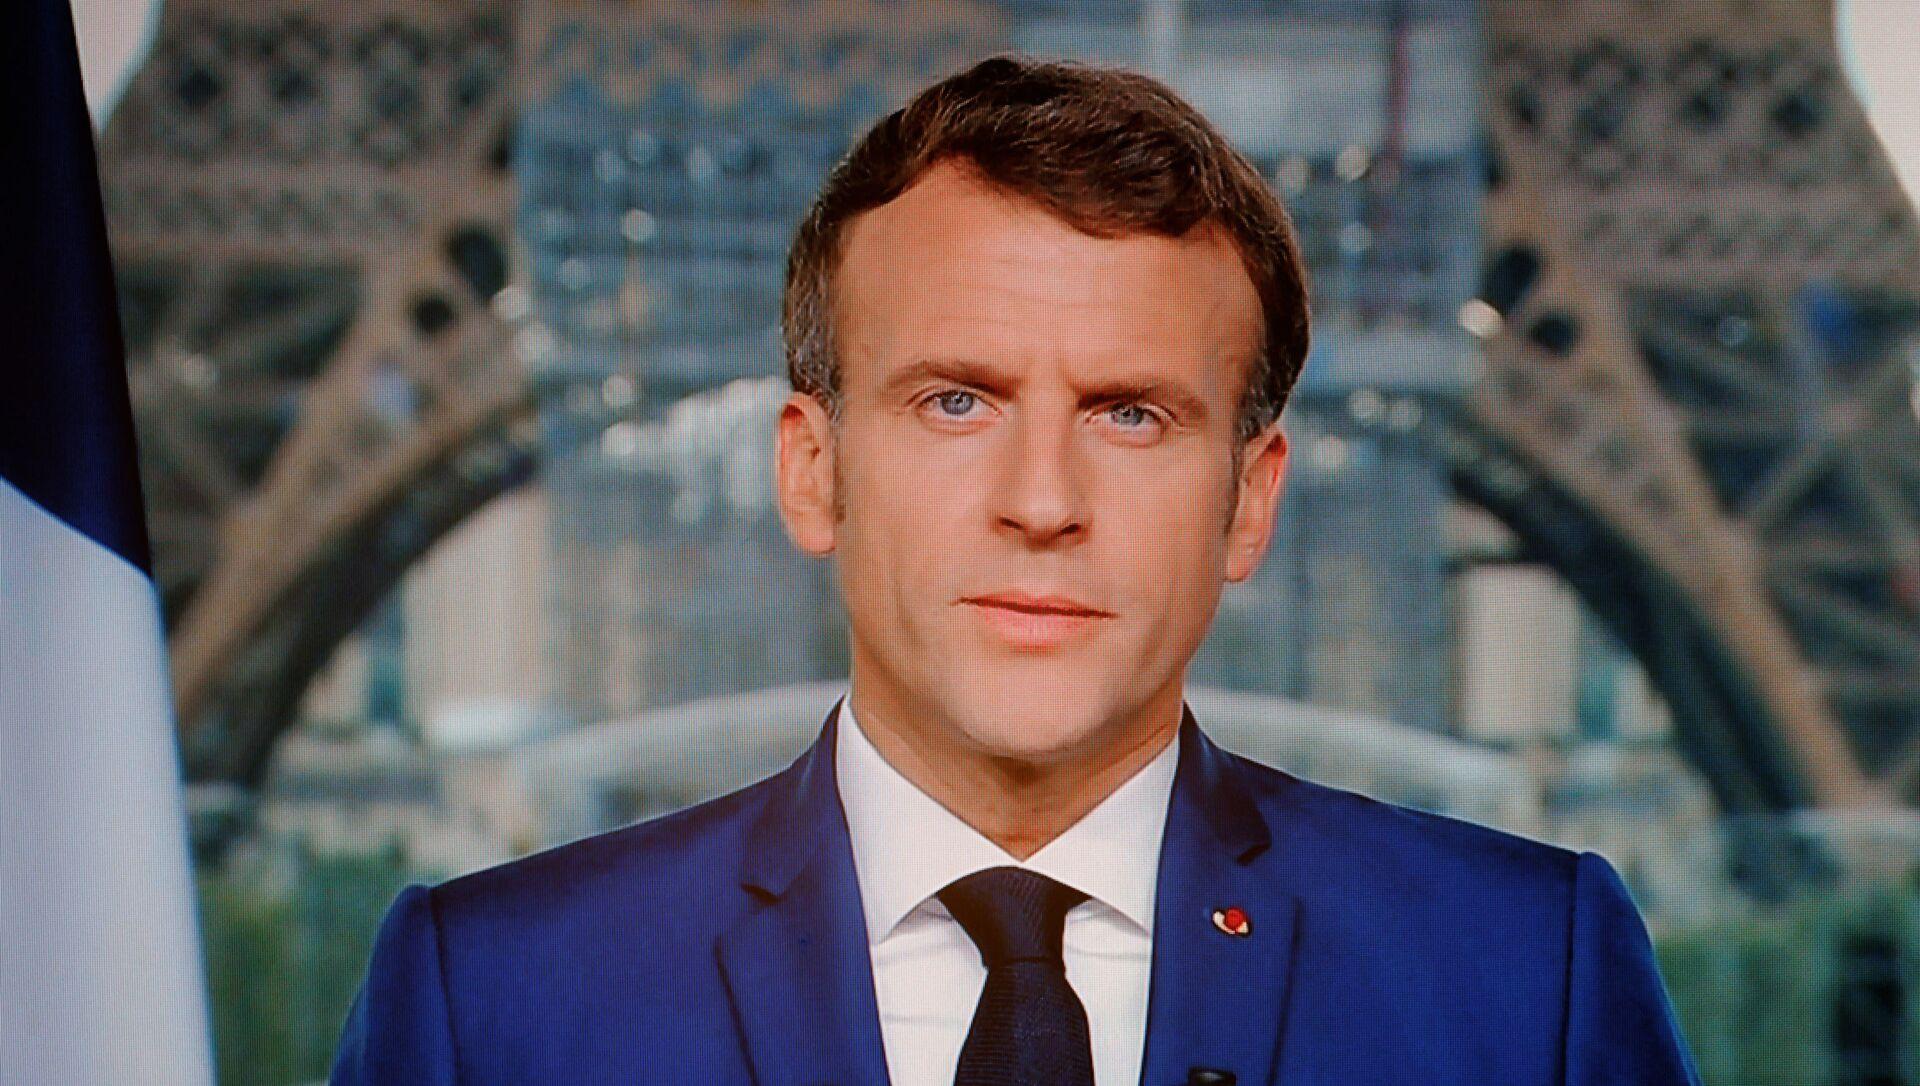 Macron s'adresse aux Français, le 12 juin 2021 - Sputnik France, 1920, 03.08.2021